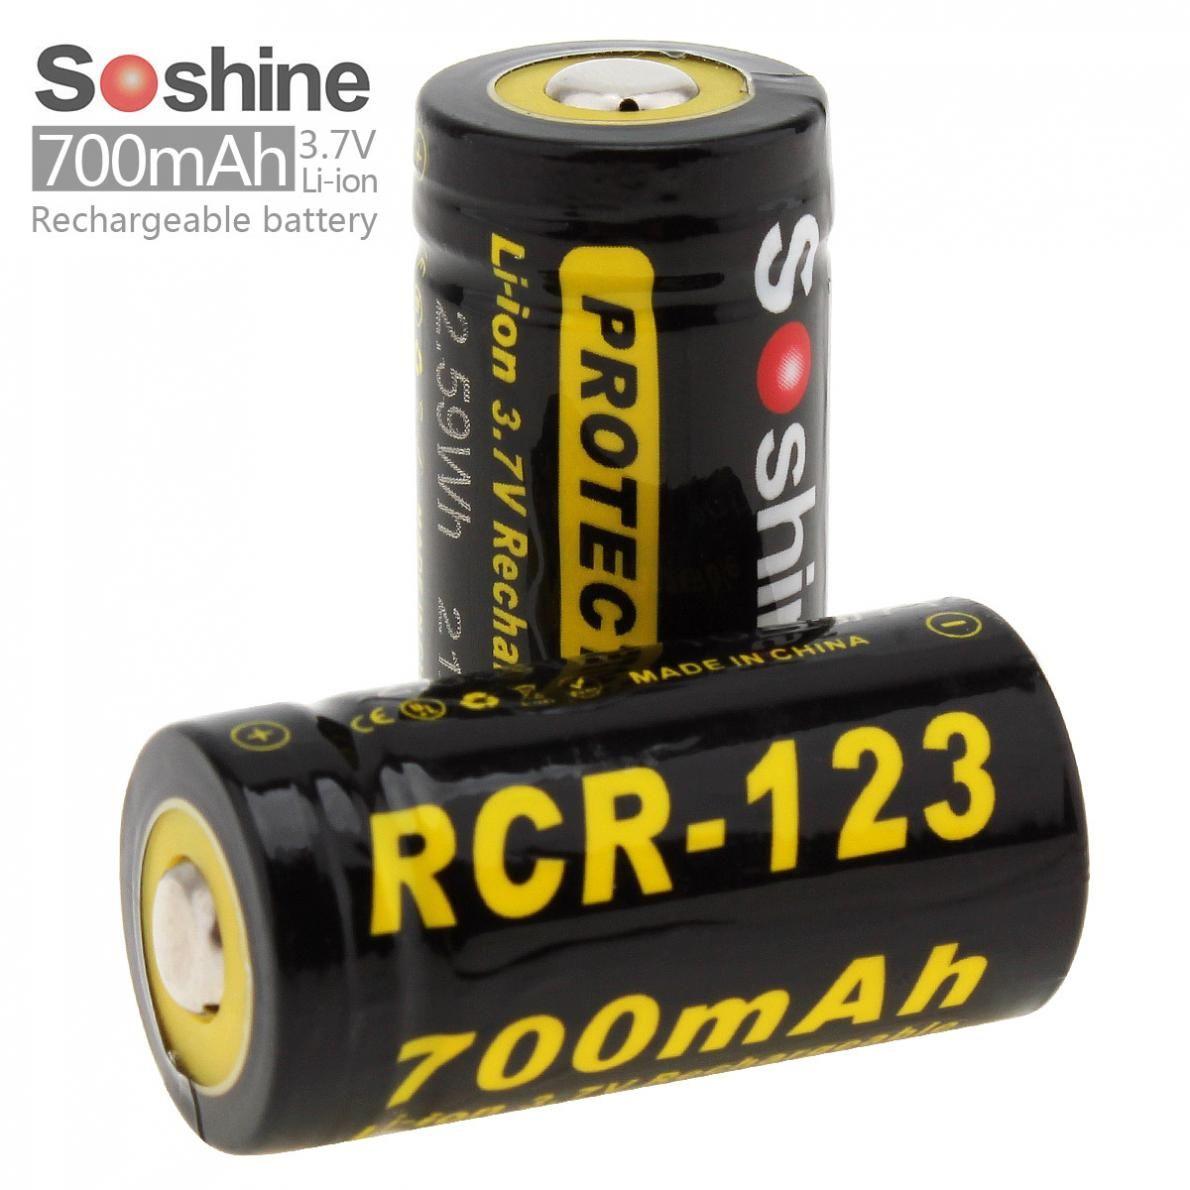 Soshine Li-ion RCR 123 3.7V 16340 700mAh protégé batterie au Lithium Rechargeable (2 pièces) avec étui de batterie